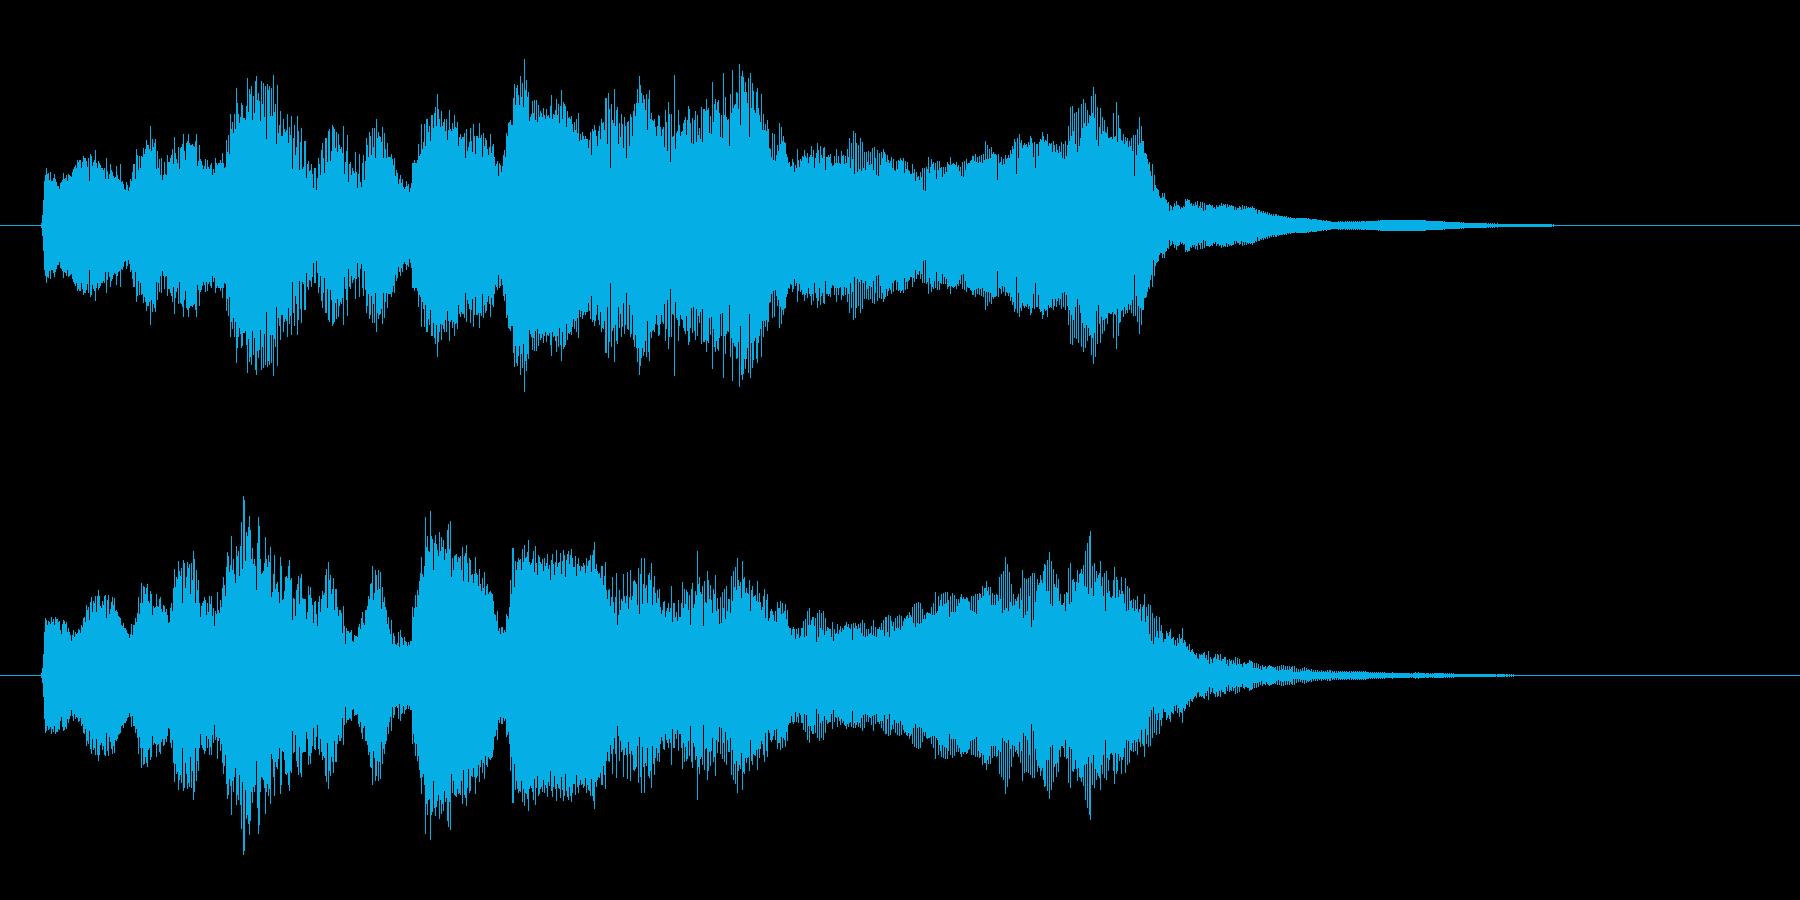 【ジングル】朝を感じさせるオーケストラ曲の再生済みの波形